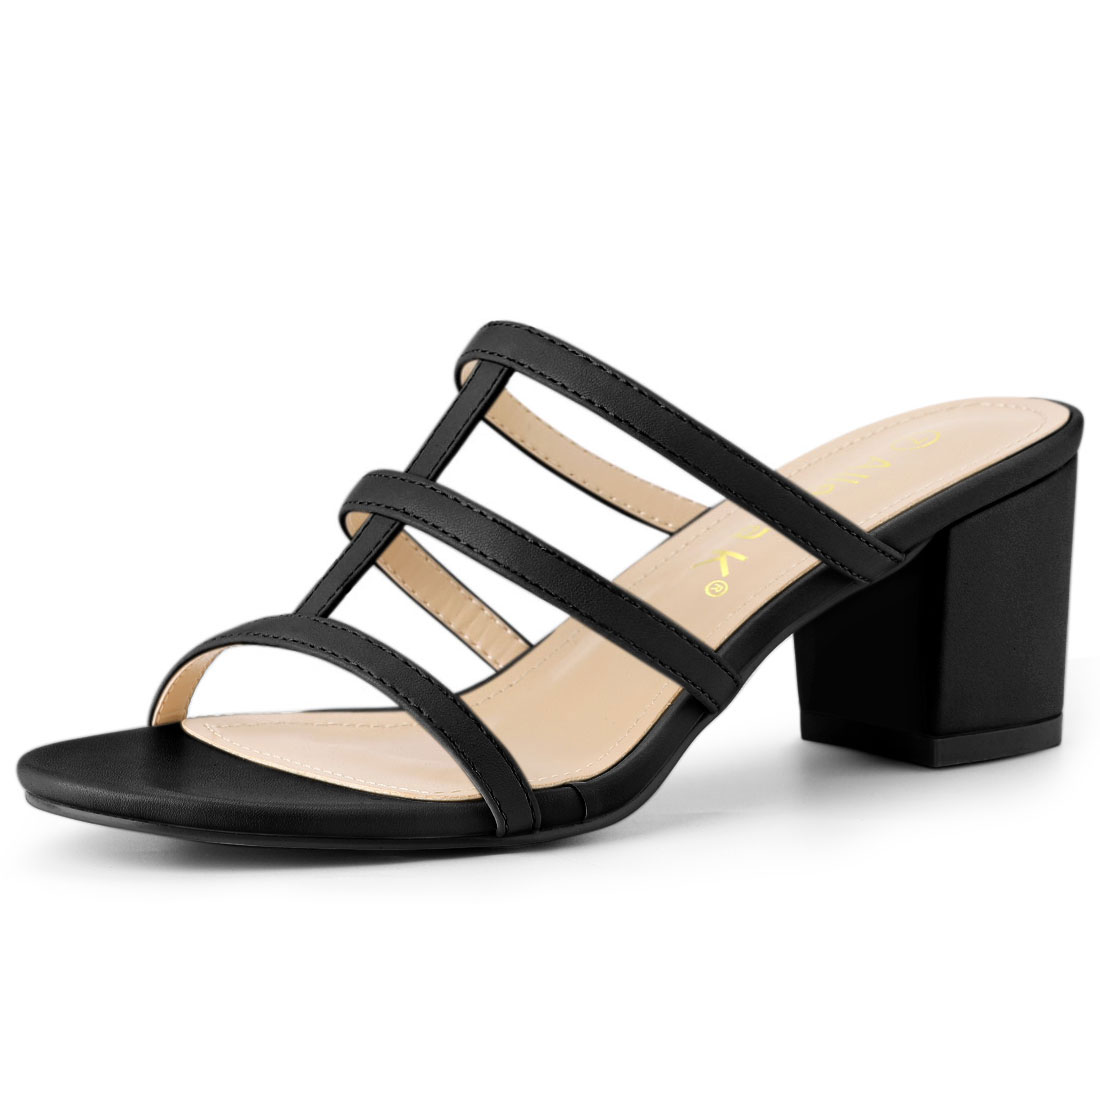 Allegra K Women's T Straps Block Heels Slip On Slide Sandals Black US 8